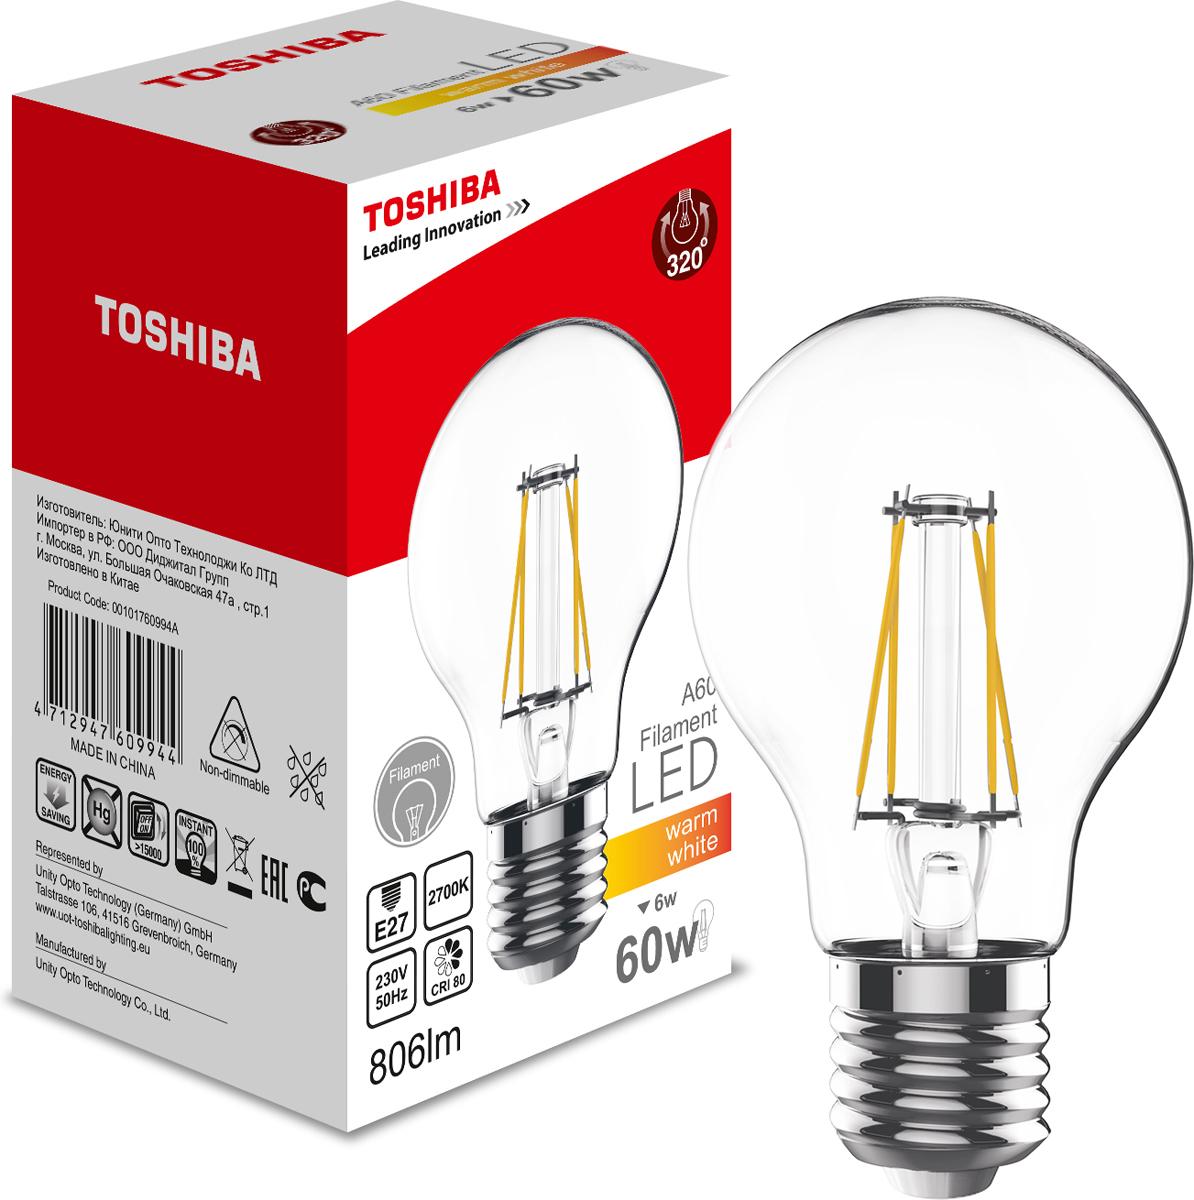 Лампа филаментная Toshiba, теплый свет, цоколь E27, 6W, 2700K. 101760994A101760994AФиламентные лампы, хоть и относятся к светодиодным, но и внешне, и конструктивно достаточно сильно от них отличаются. Несведущему человеку вообще может показаться, что это обычная лампа накаливания, только немного со странностями. На самом деле филаментные светодиодные лампы объединили лучшие качества привычных нам лампочек Ильича и современных led-ламп. Результат получился интересный, экономичный, экологичный и глазу весьма приятный. Филамент – основной функциональный элемент такой лампы, представляет собой светодиодную полоску особой конструкции. Внешним видом филаменты напоминают нить, потому некоторые так их и называют – лампочки на светодиодных нитях.